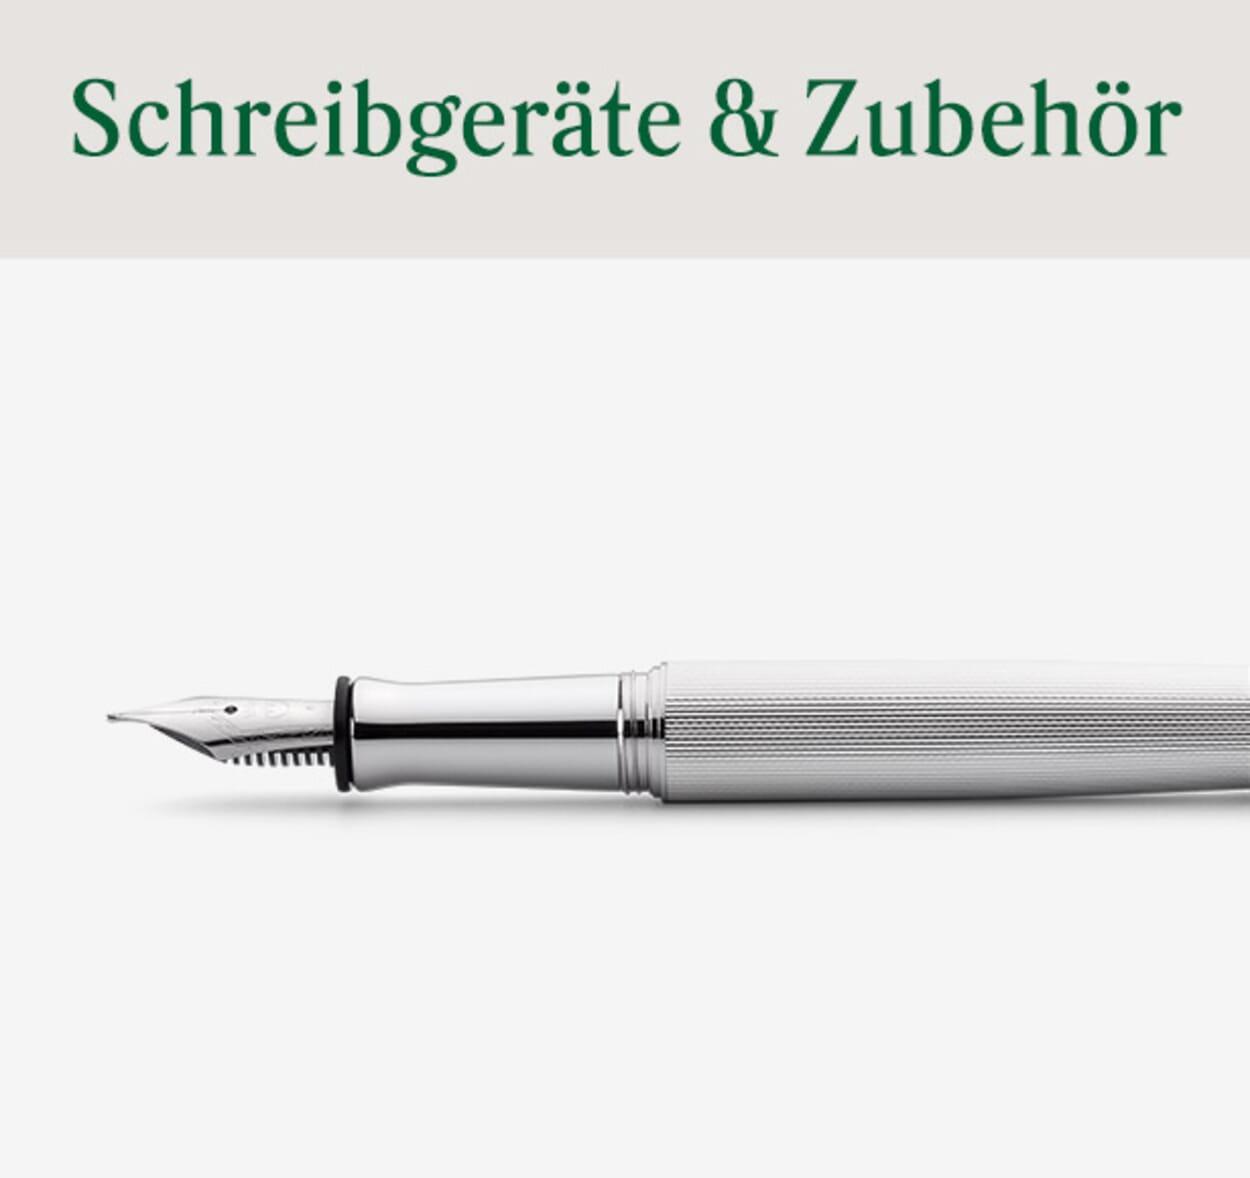 Schreibgeräte & Zubehör